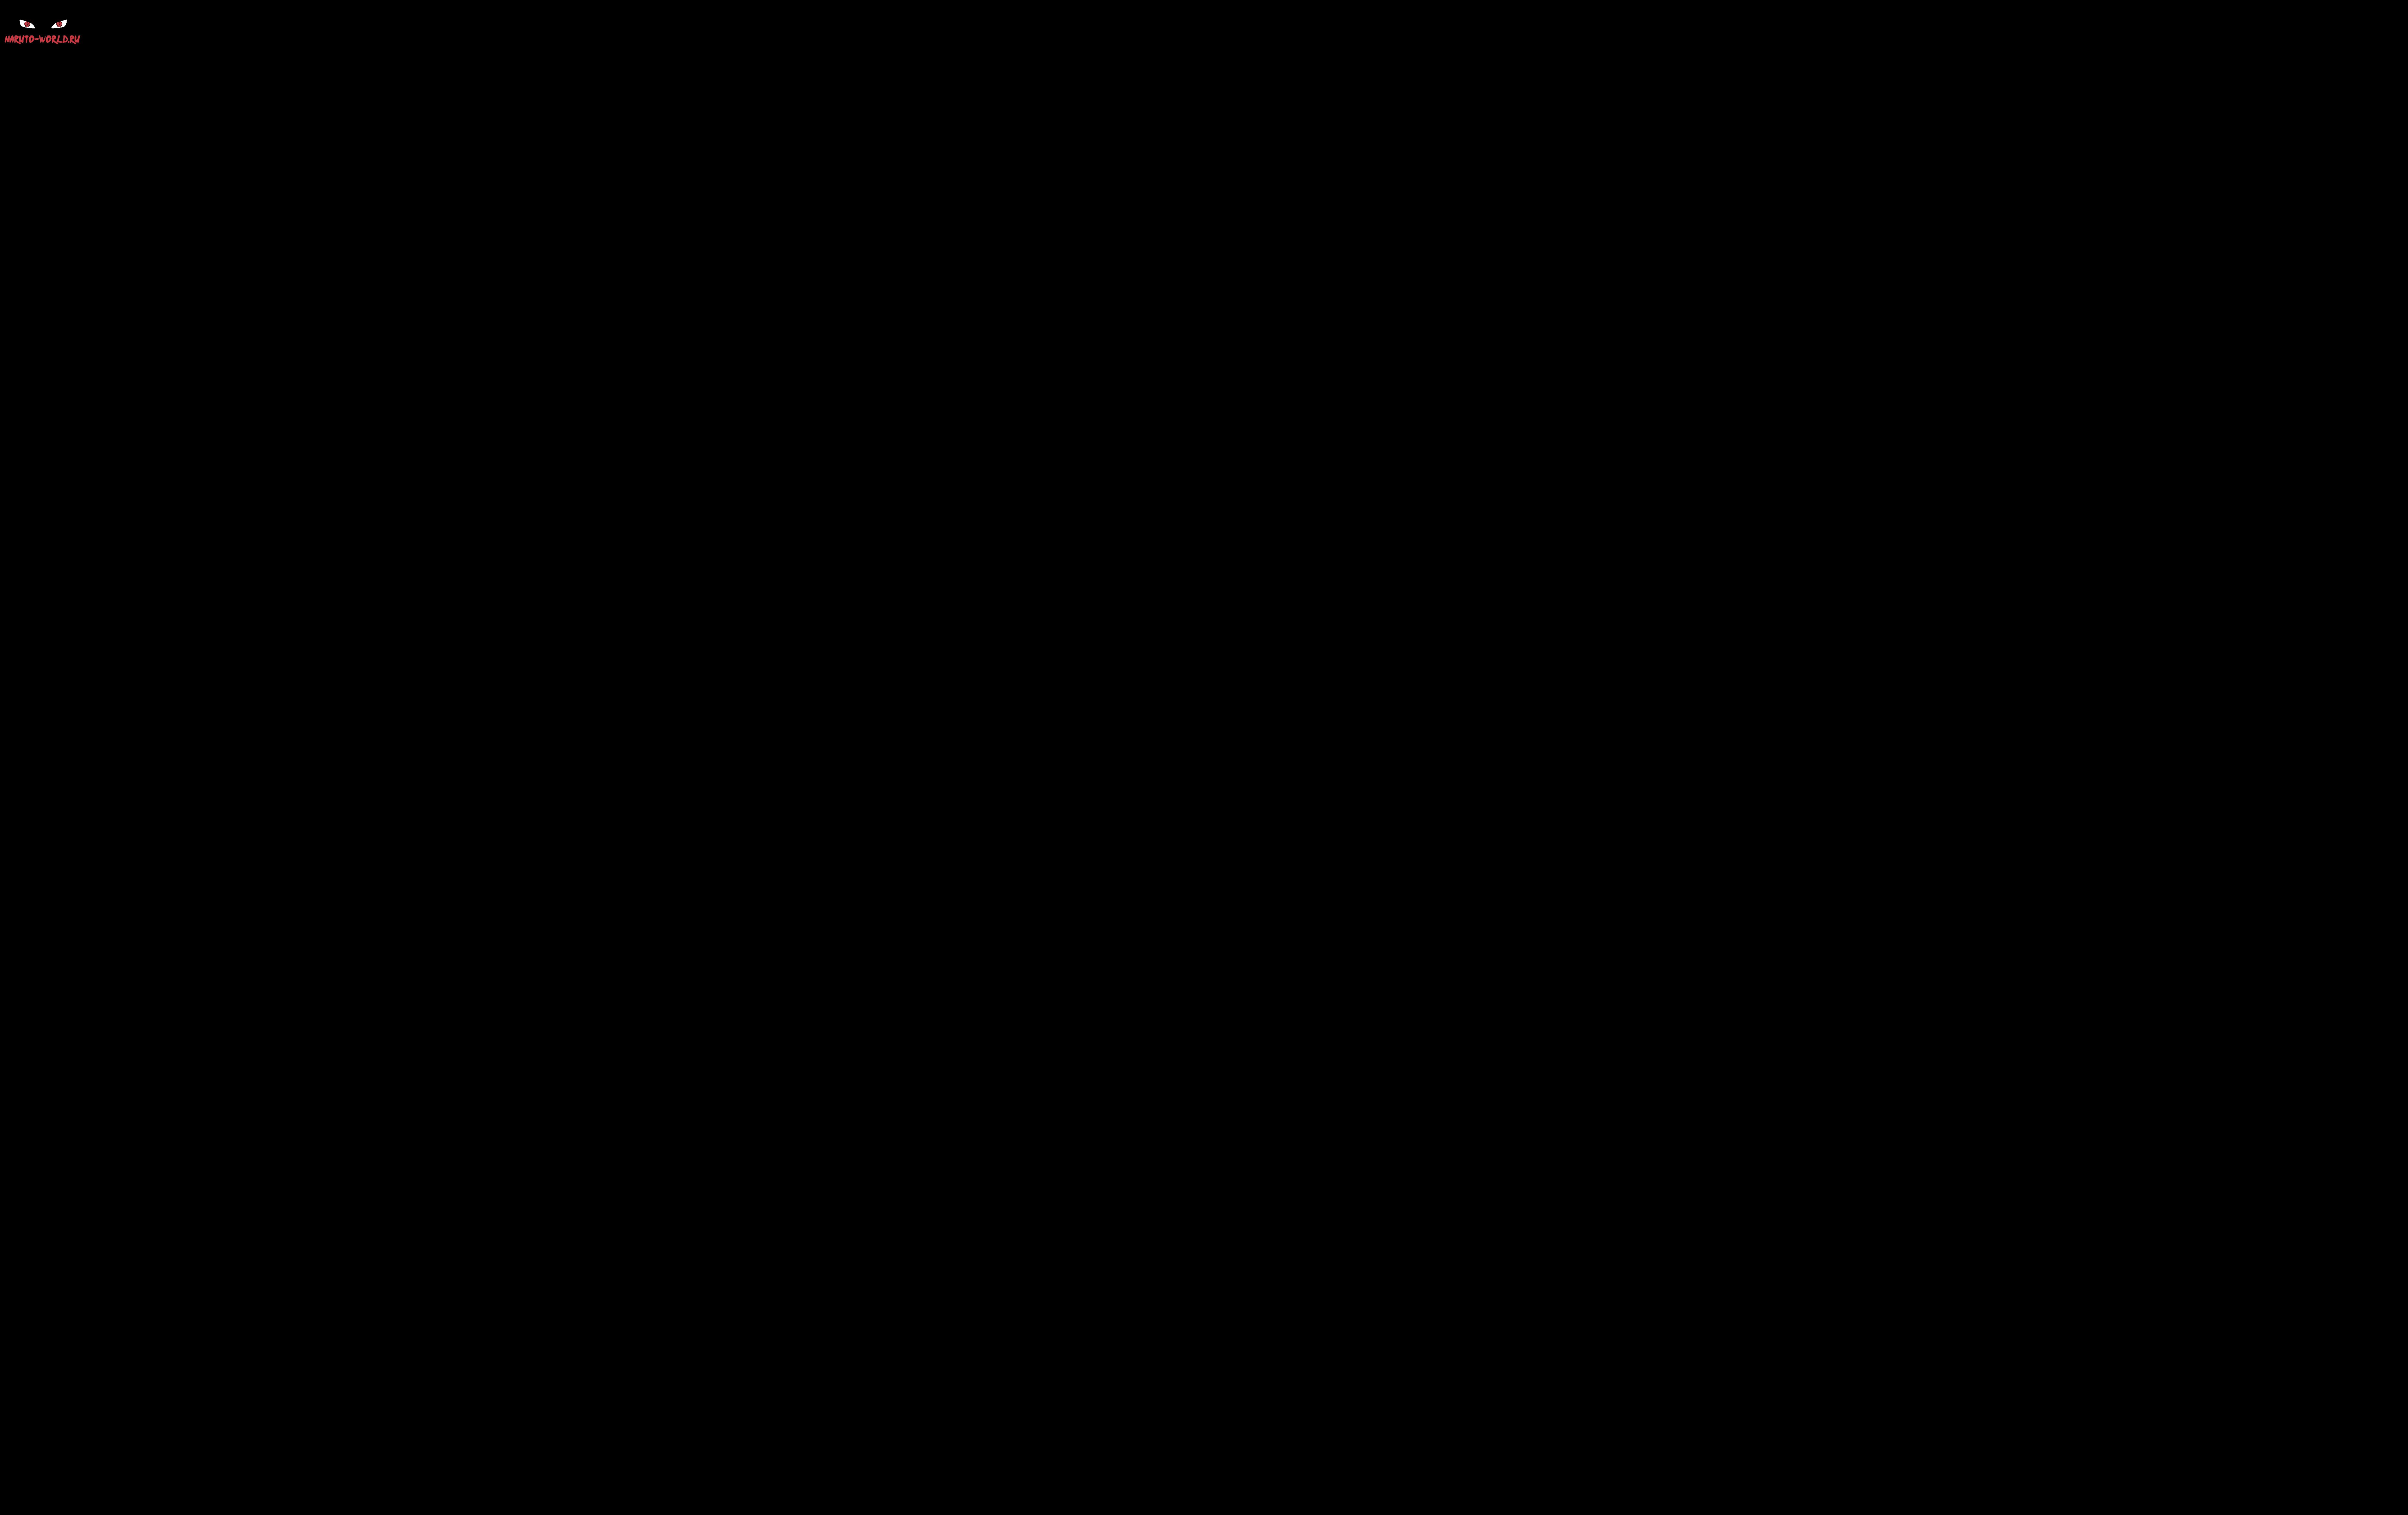 черный фон фото без рисунка